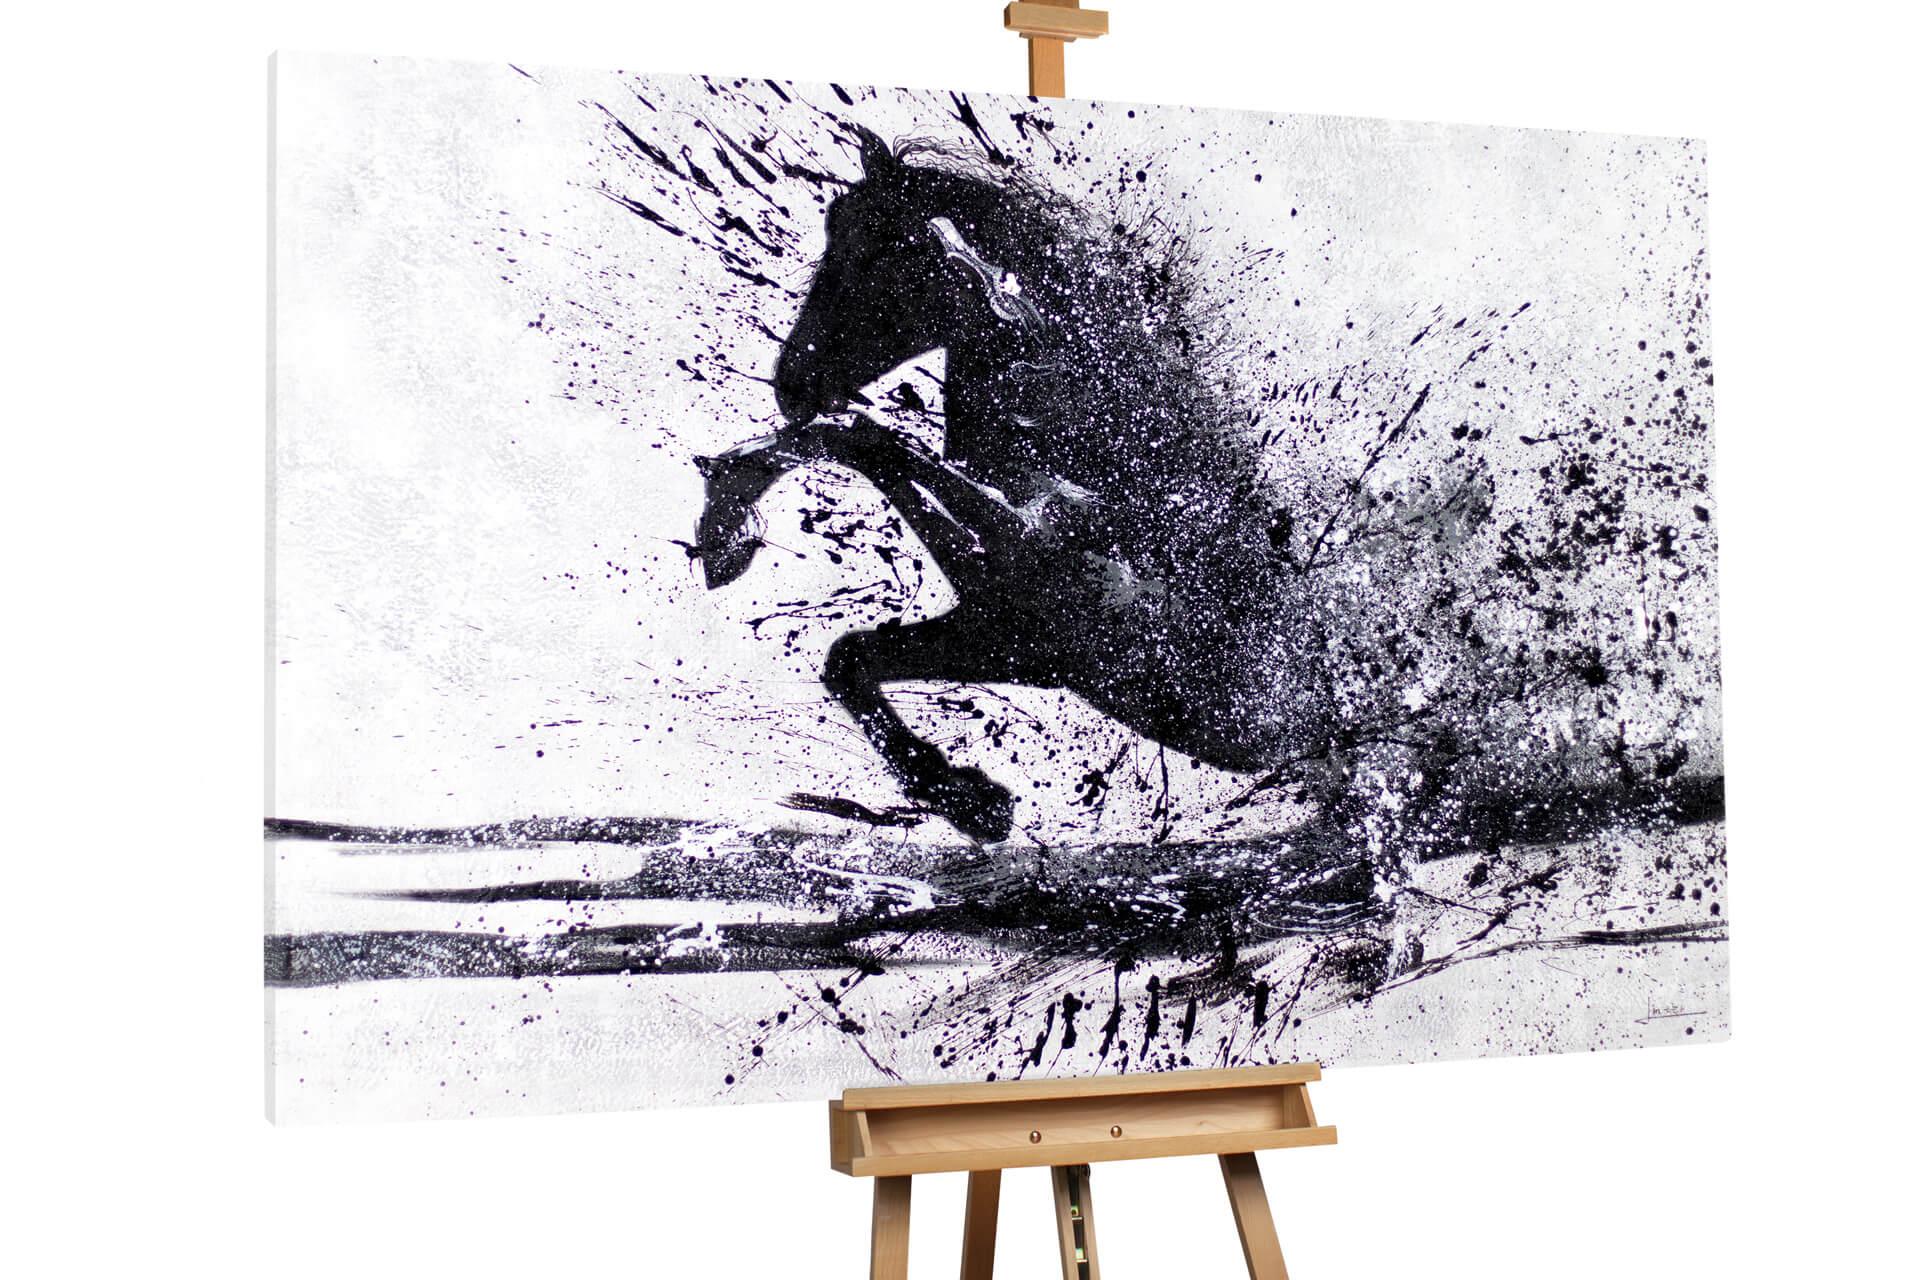 kl pferd wildtier schwarz weiss modern acryl gemaelde oel bild 0001 02